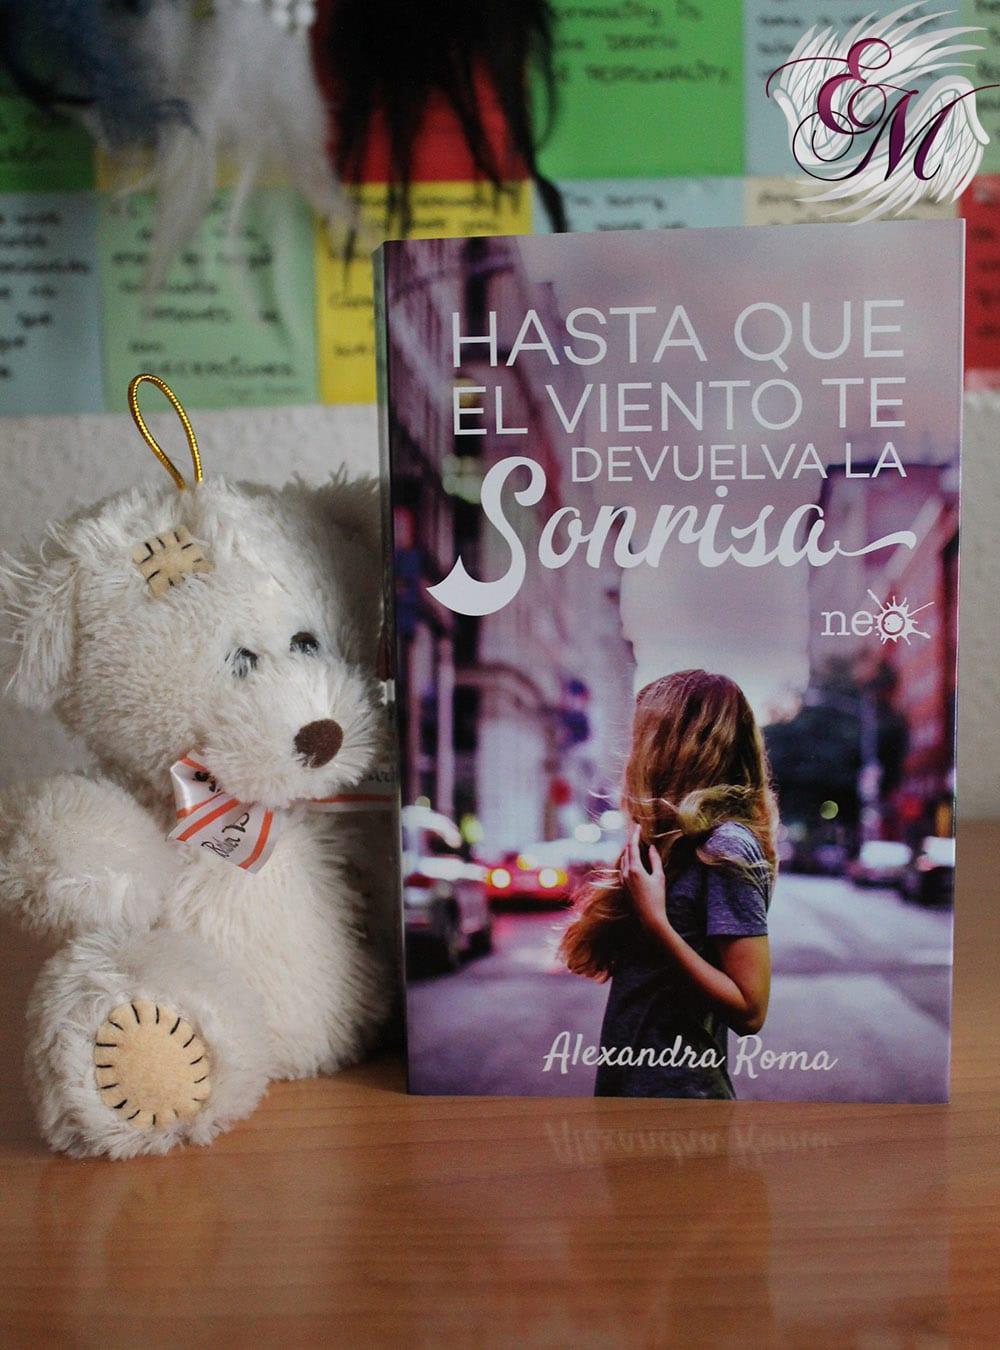 Hasta que el viento te devuelva la sonrisa, de Alexandra Roma - Reseña